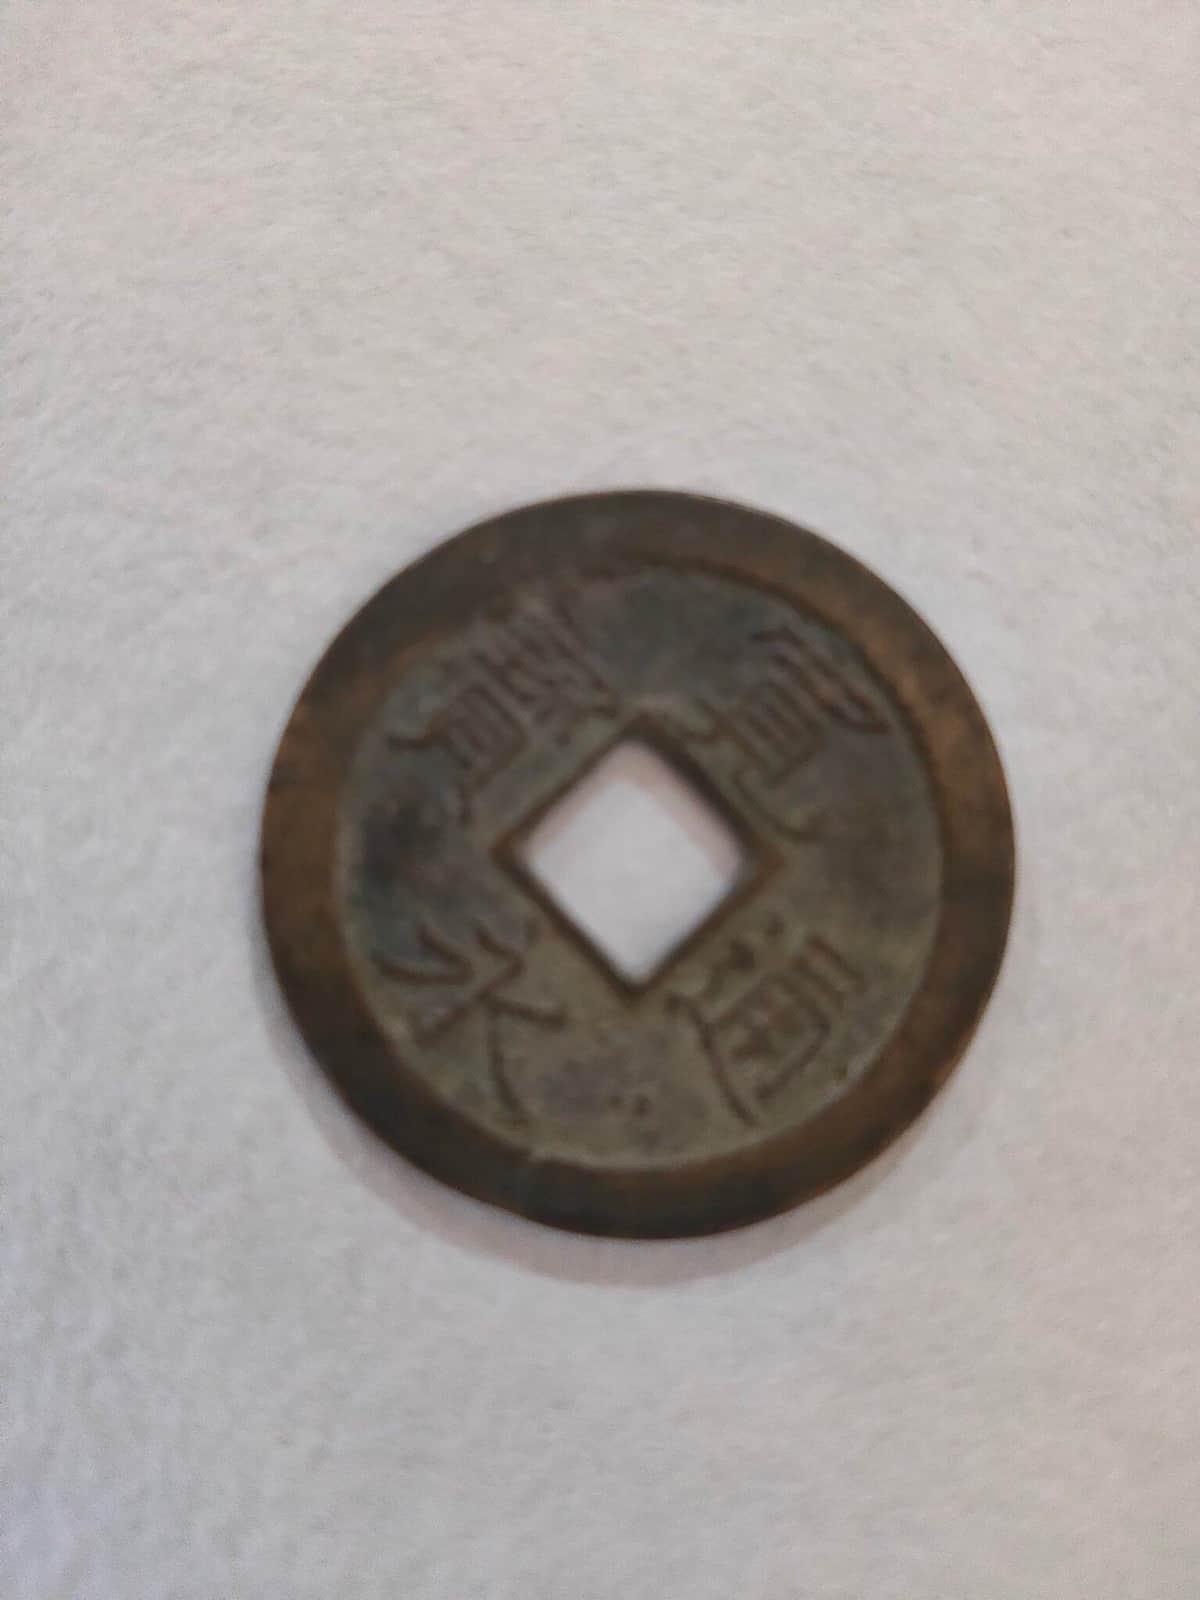 レア硬貨が毎月賽銭箱に...神社でのミステリー体験が話題に 助けたタヌキの恩返し?空想広がる